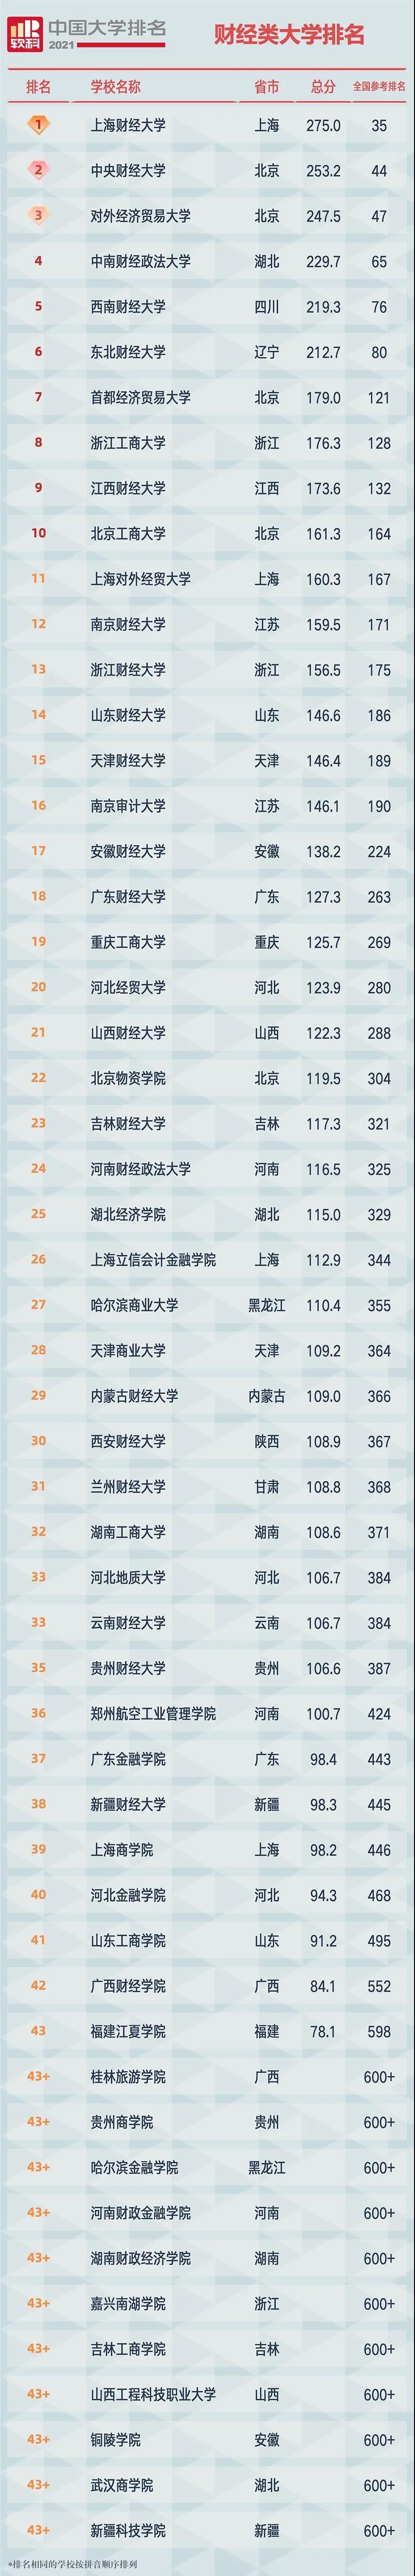 2021软科中国财经类大学排名